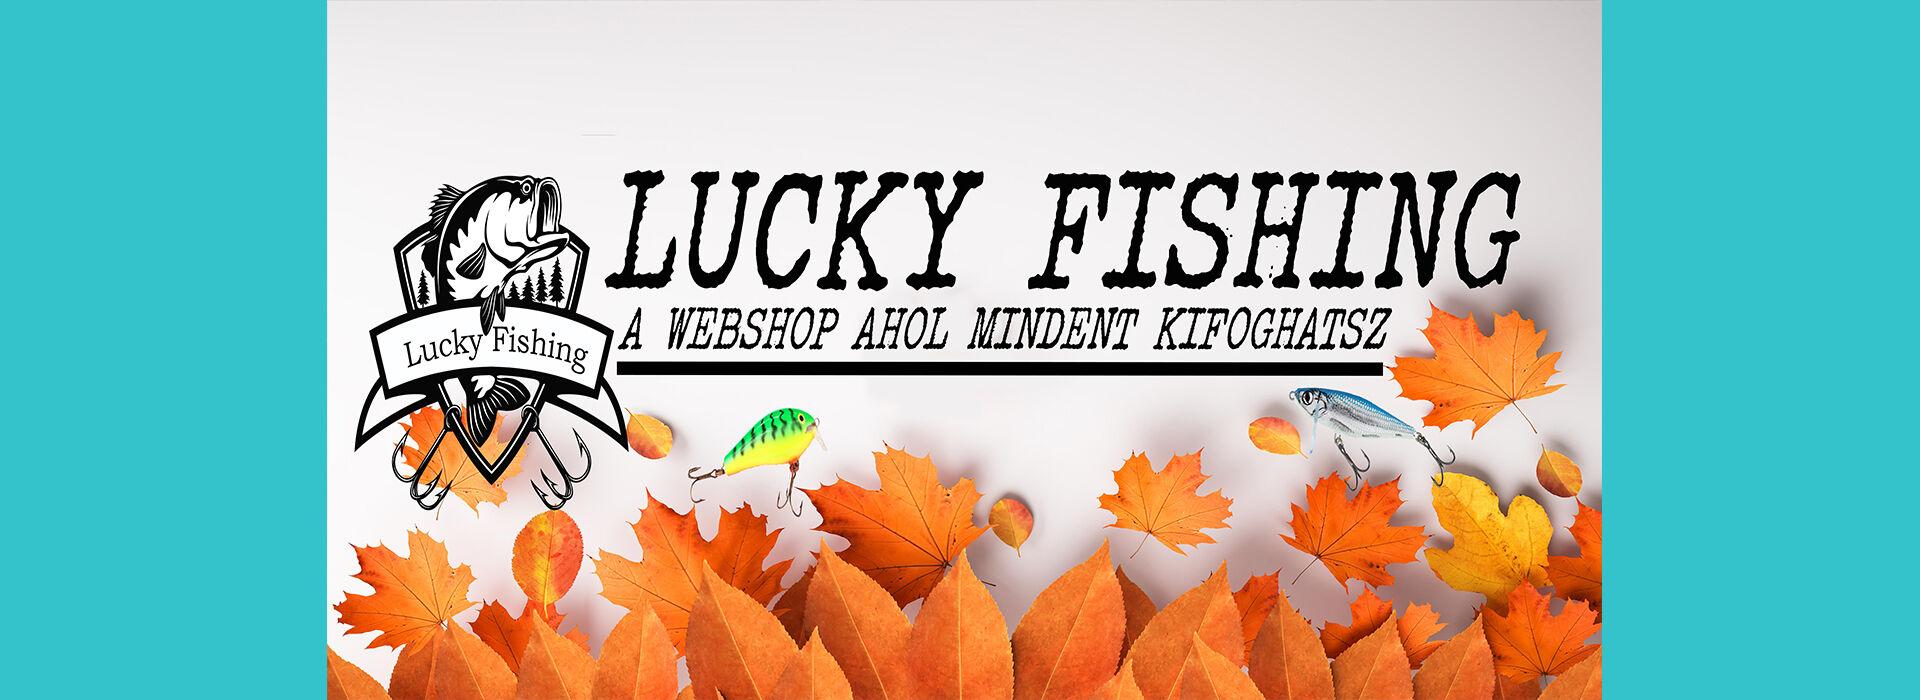 LuckyFishing